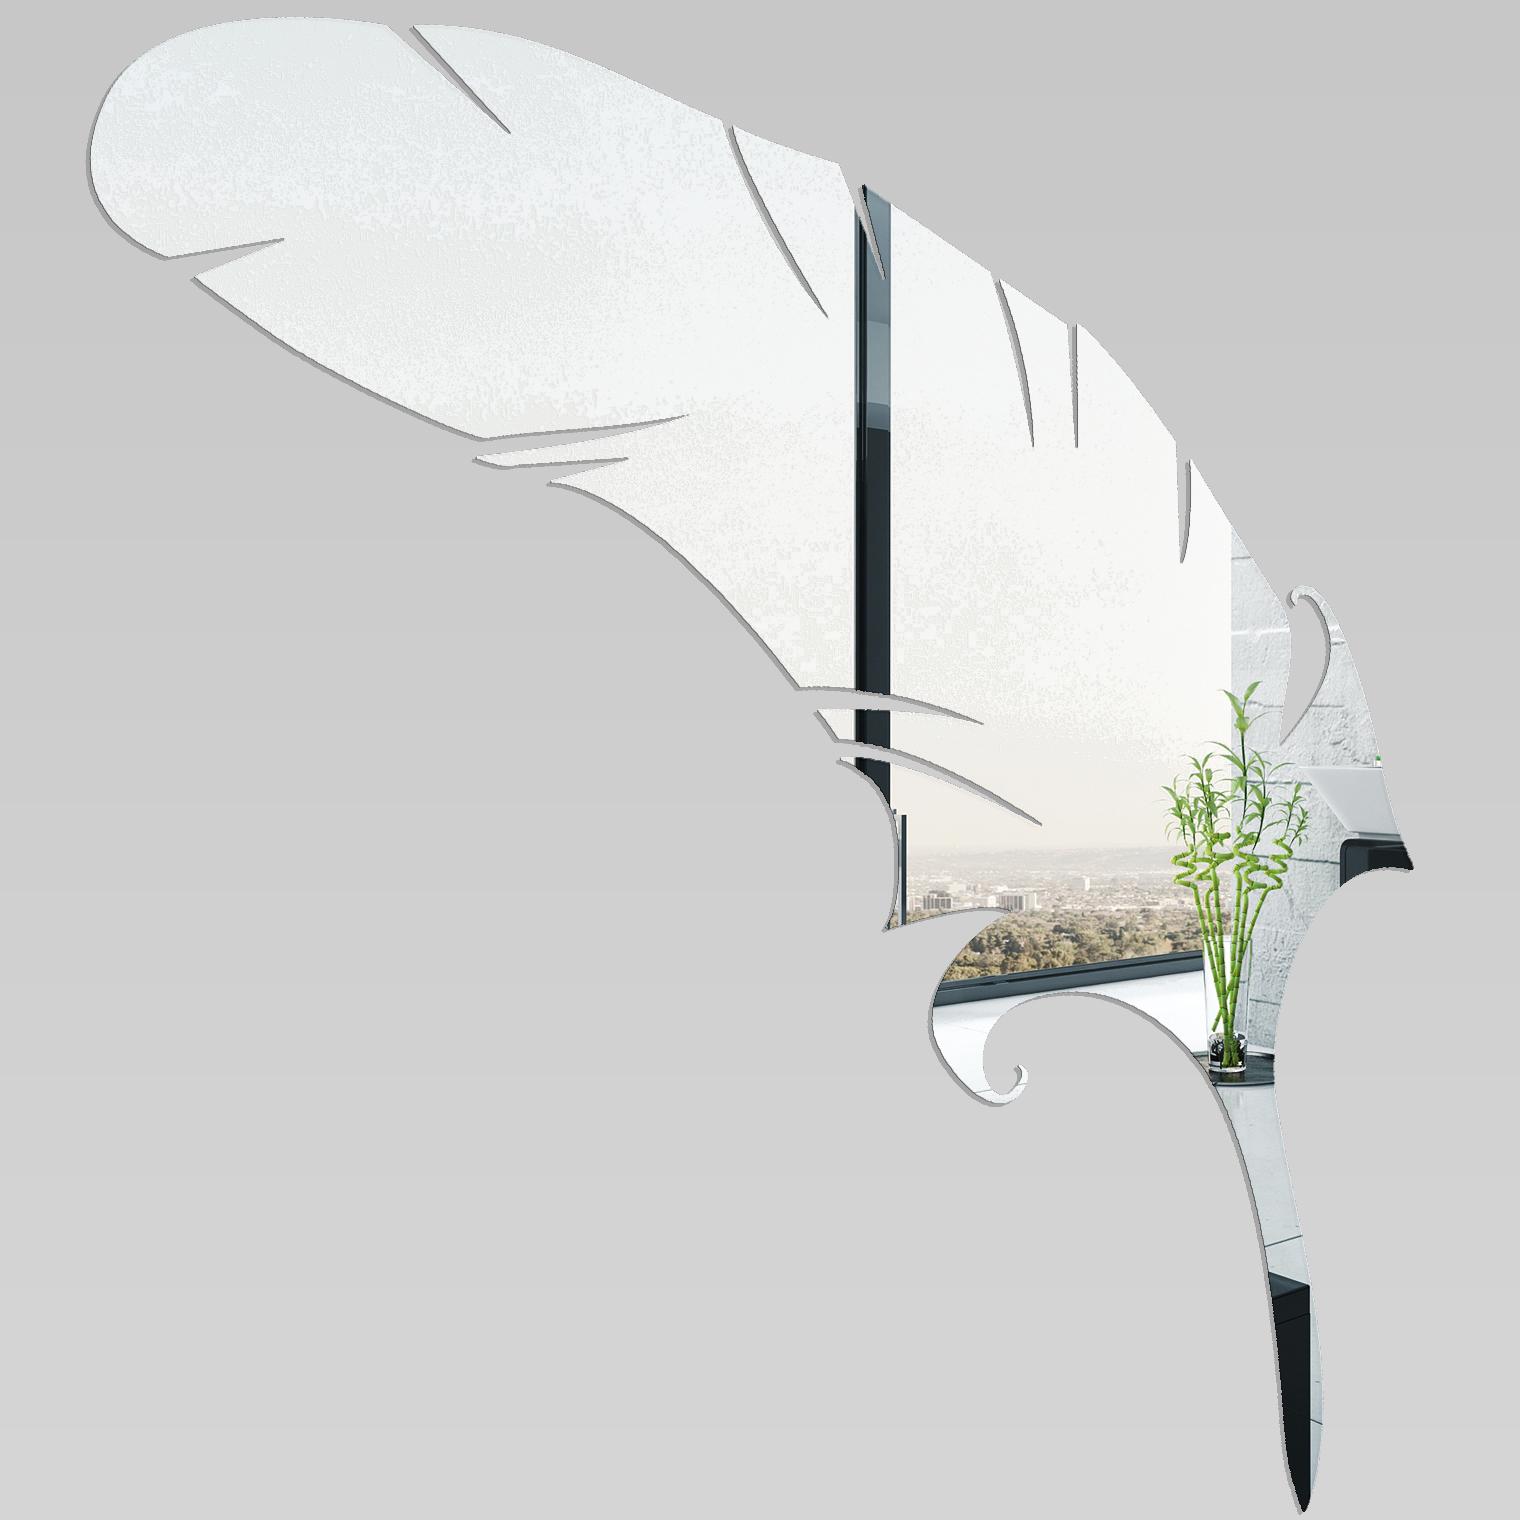 miroir plexiglass acrylique plume 1 pas cher ForMiroir Plume